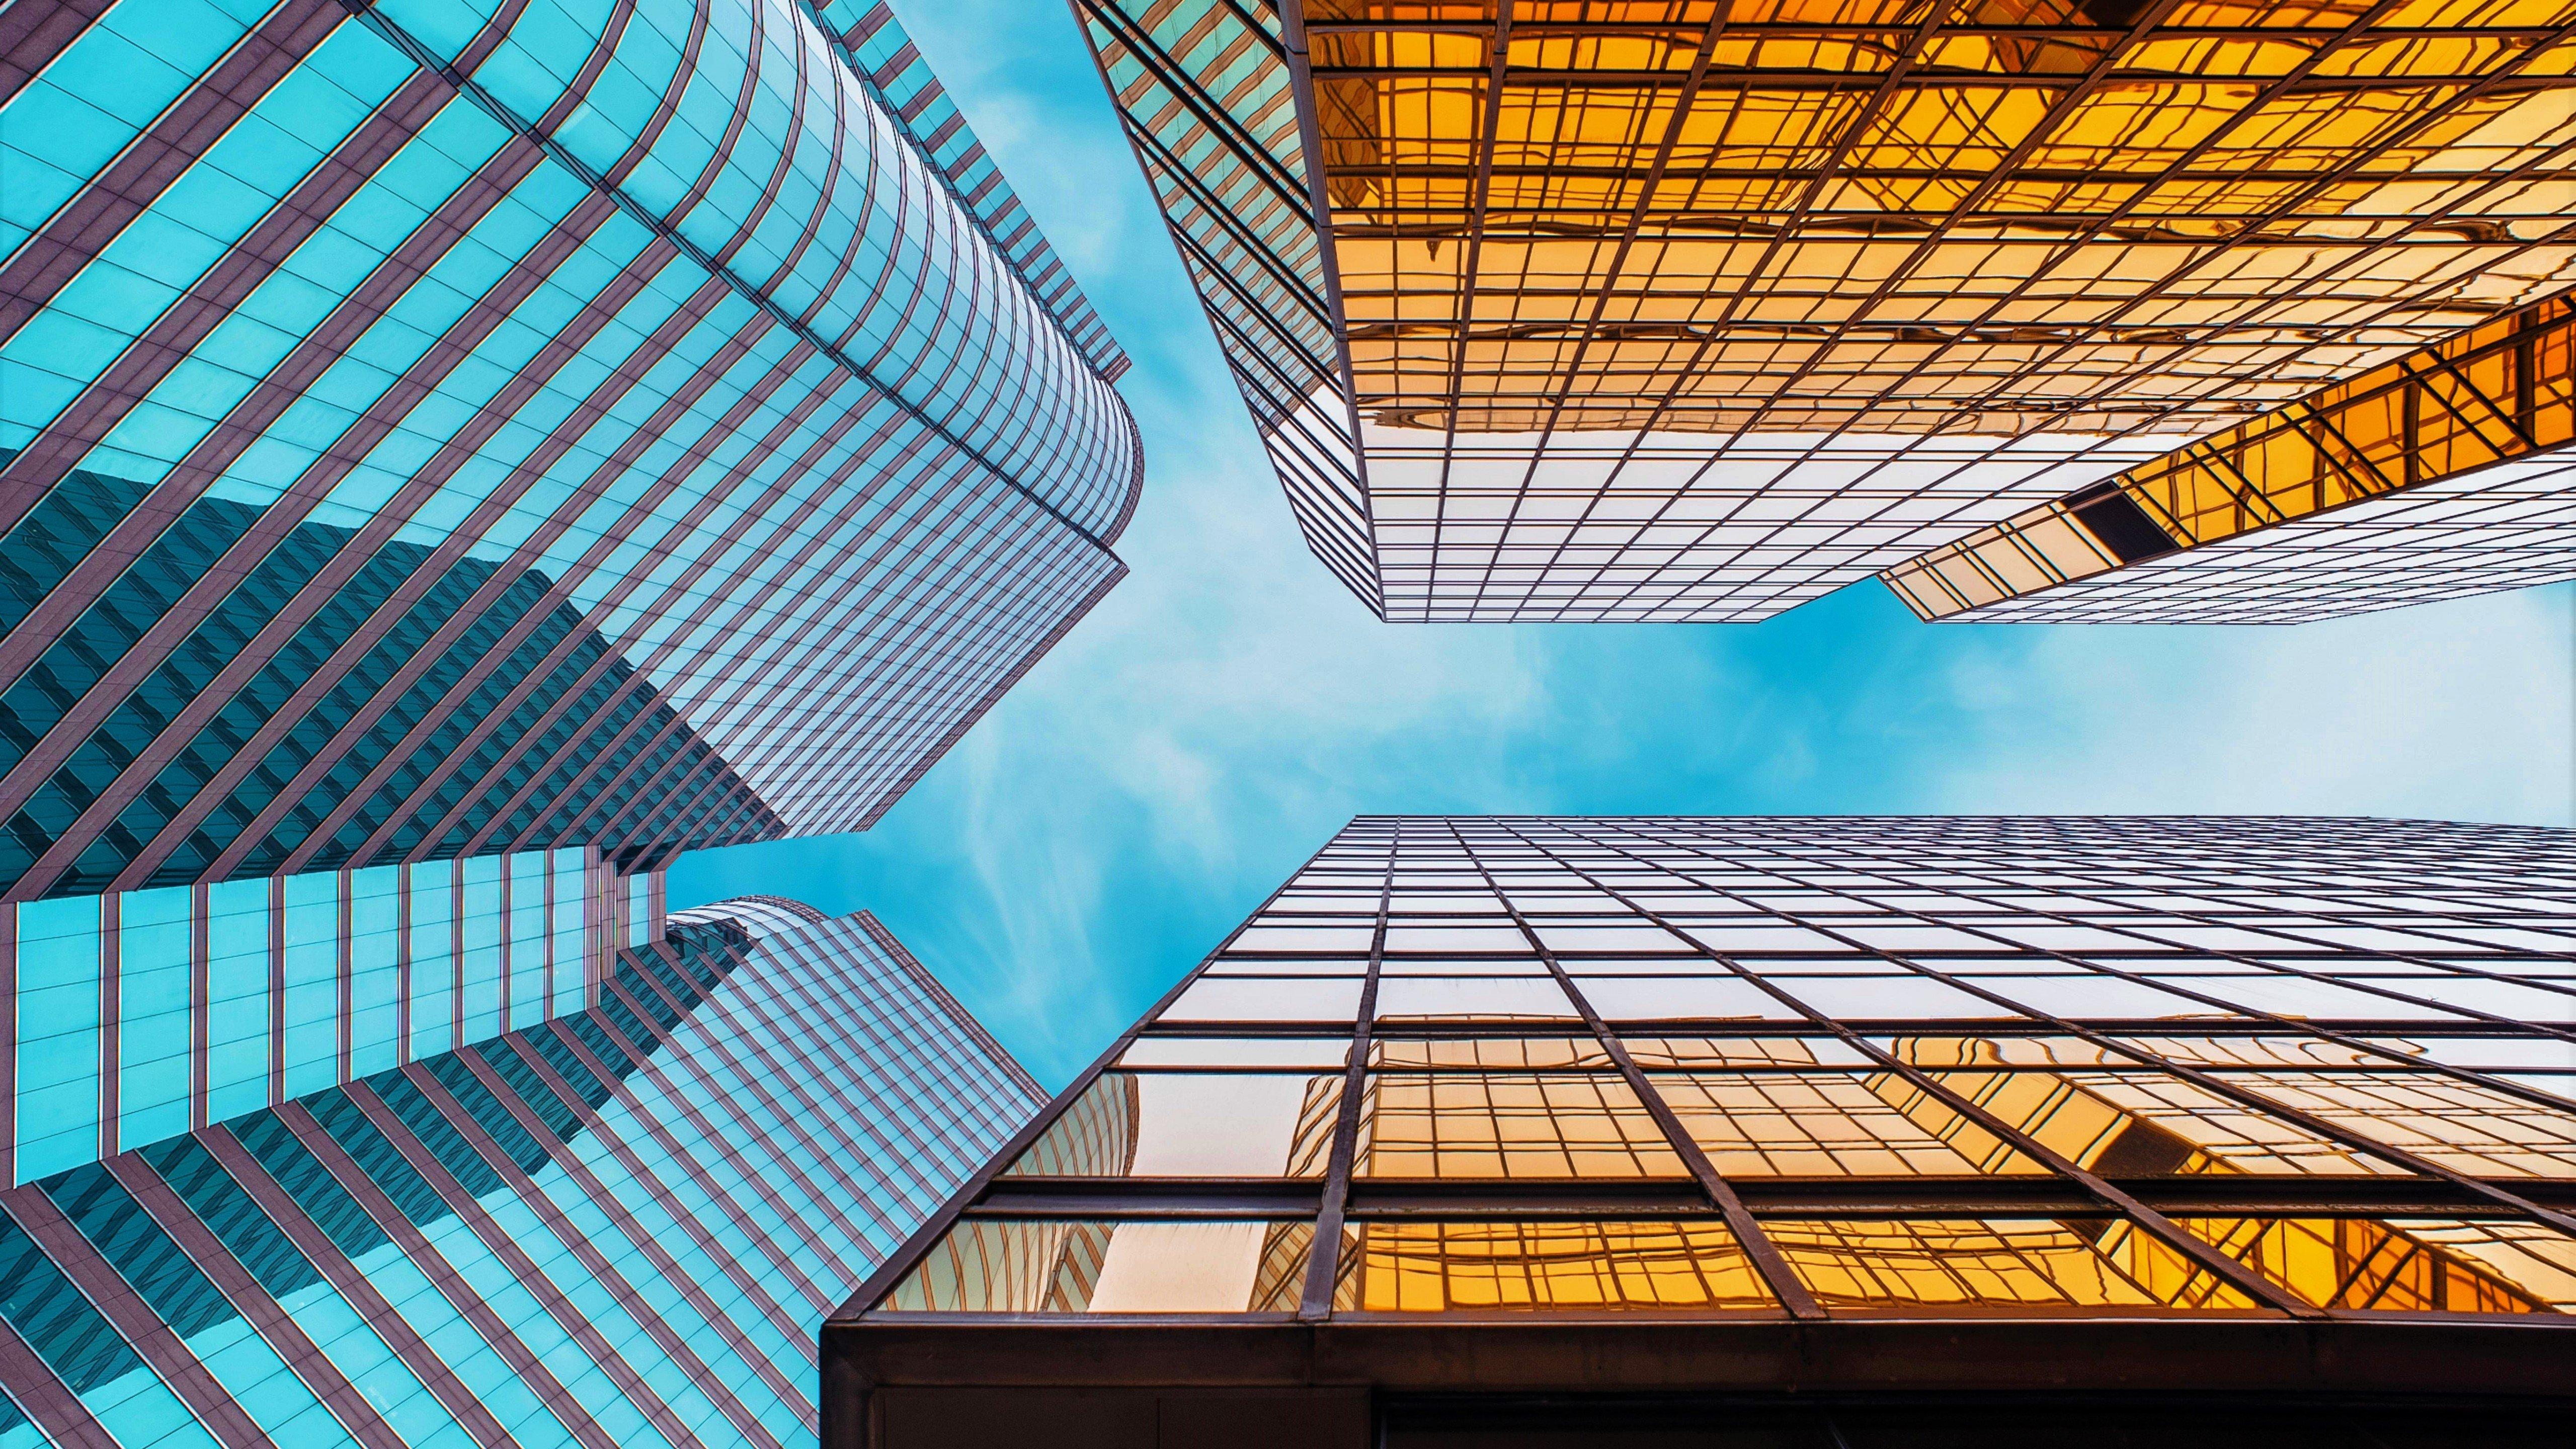 Fondos de pantalla Rascacielos